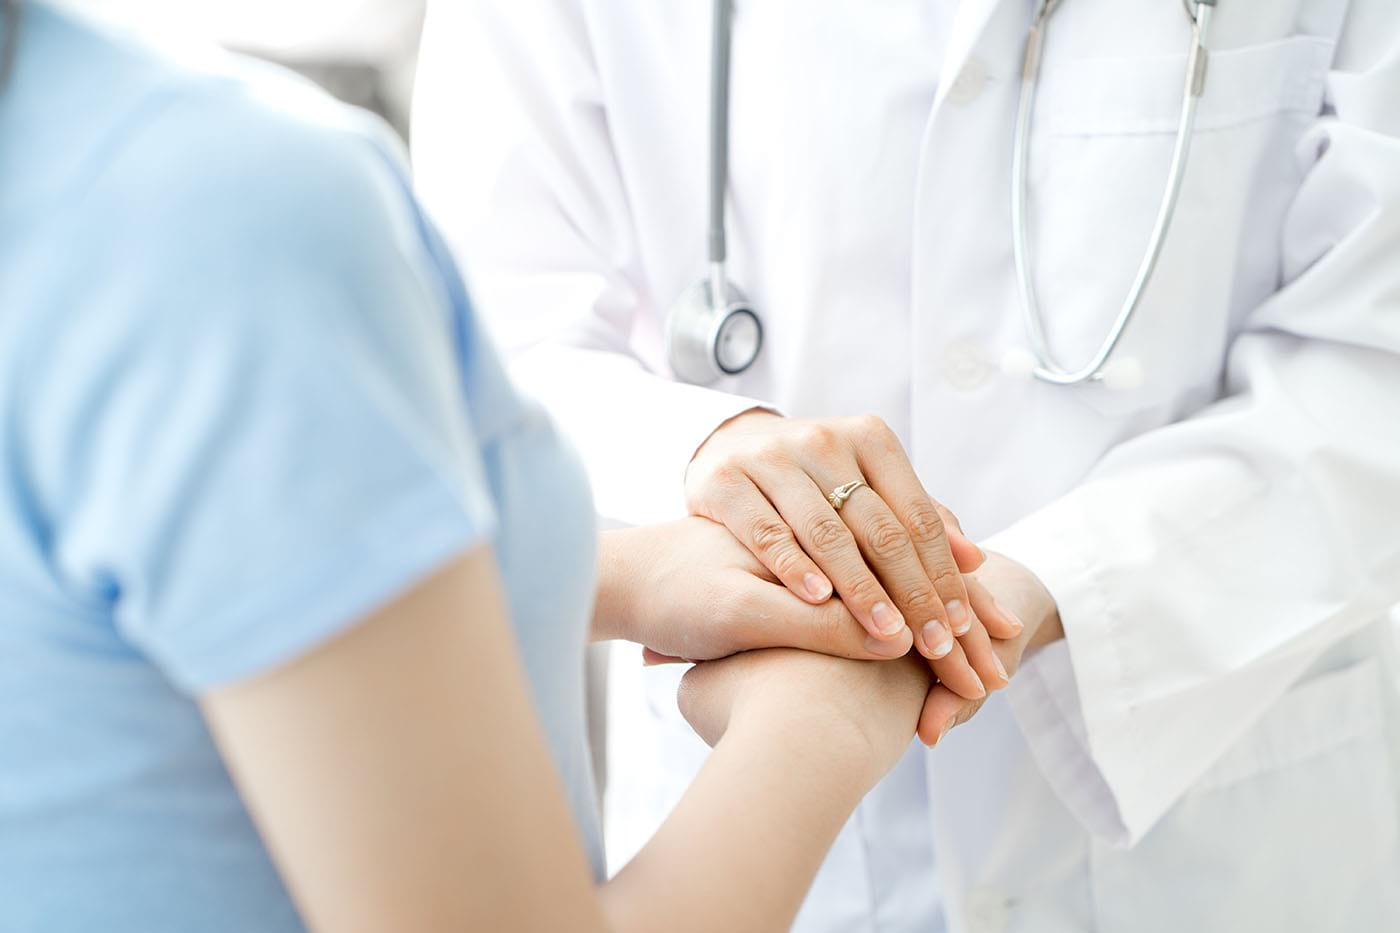 Persoanele cu boli mentale au un risc mai mare de tuberculoză (studiu)